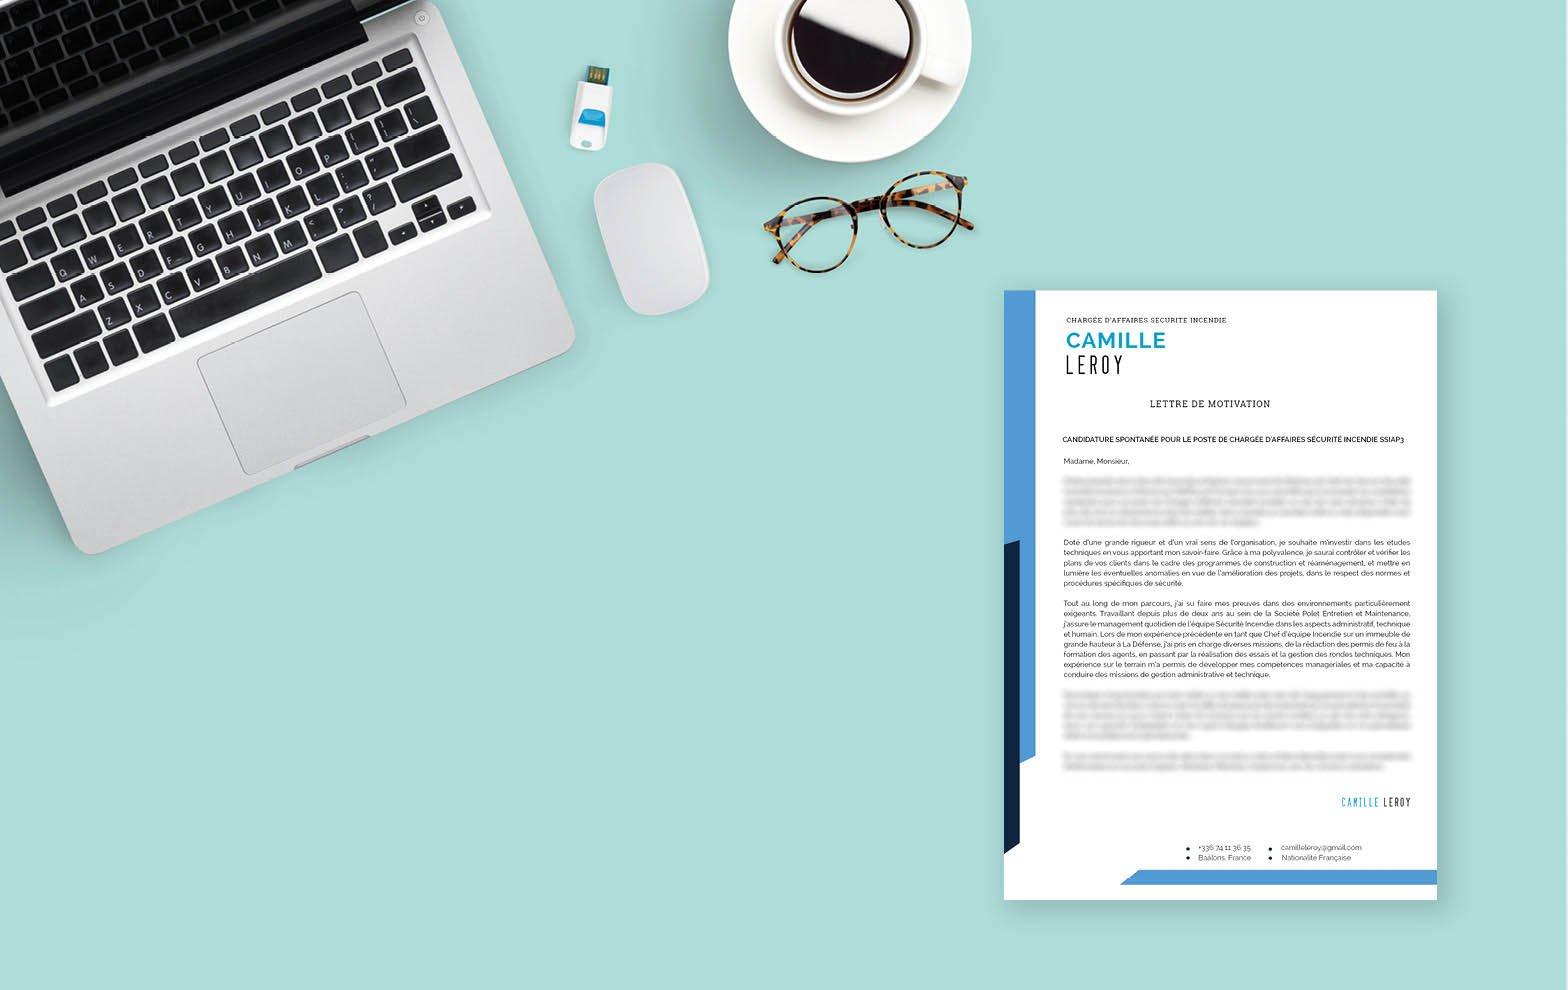 Une lettre de motivation créative pour un poste à responsabilités dans le domaine de l'assurance et de l'immobilier.